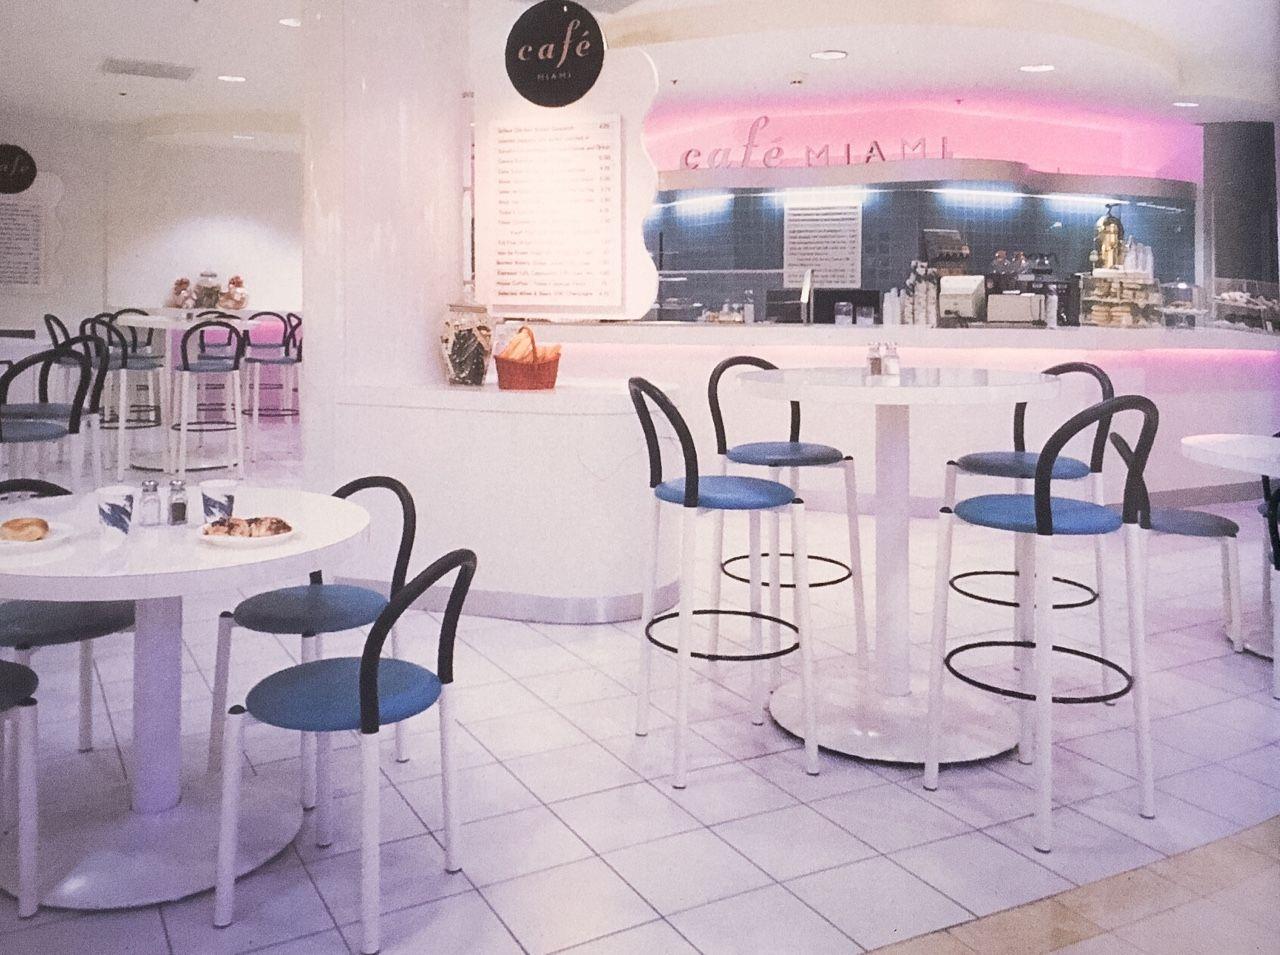 Cafe Miami, Bloomingdaleu0027s Kendall, Florida 1993